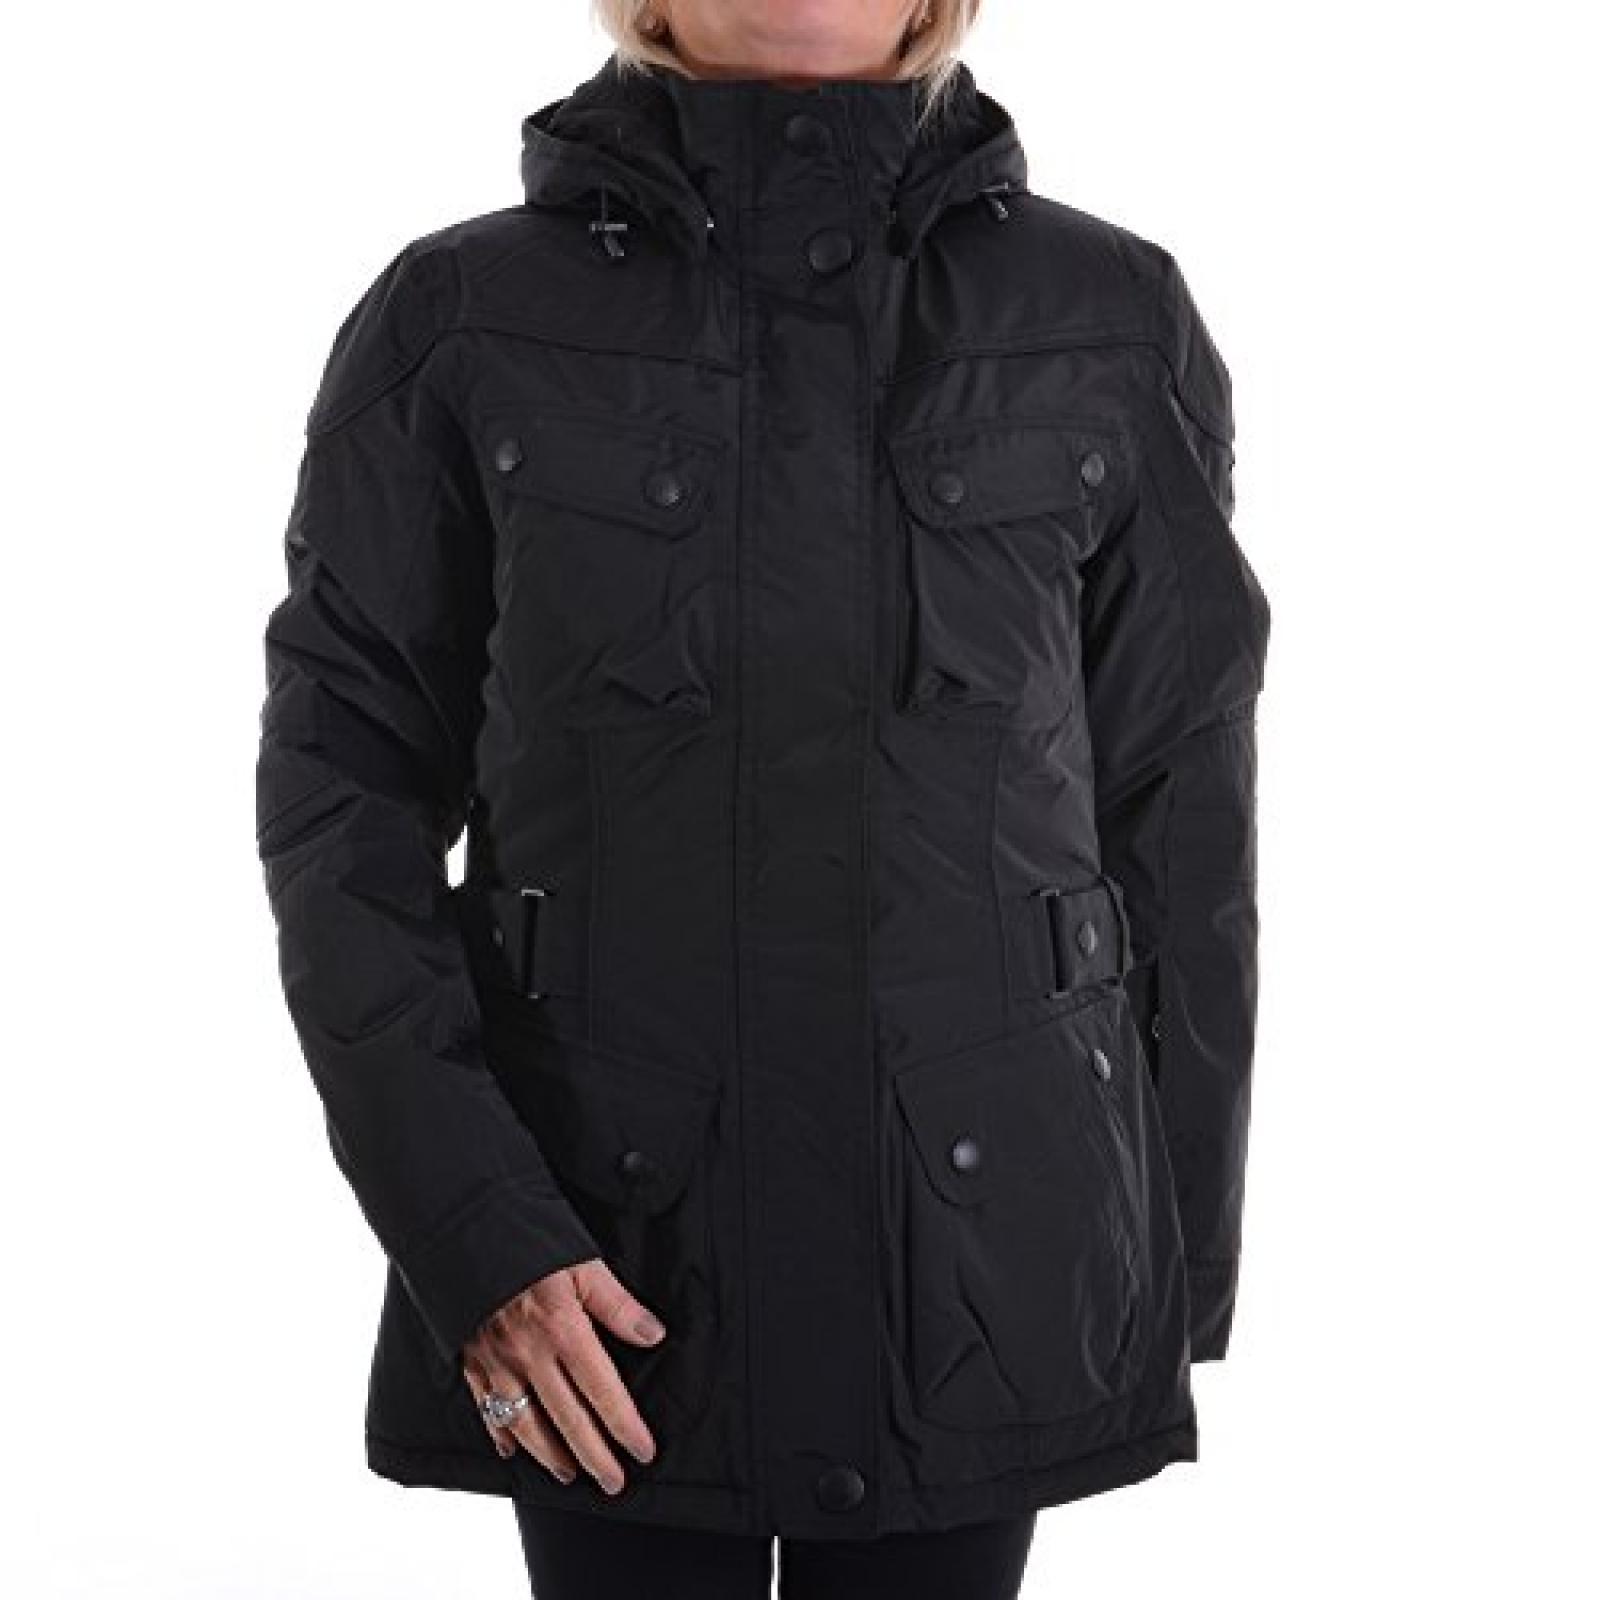 Wellensteyn Damenjacke Cosmo Gr. M 399 COSM-382 Schwarz Damen Jacke Jacken